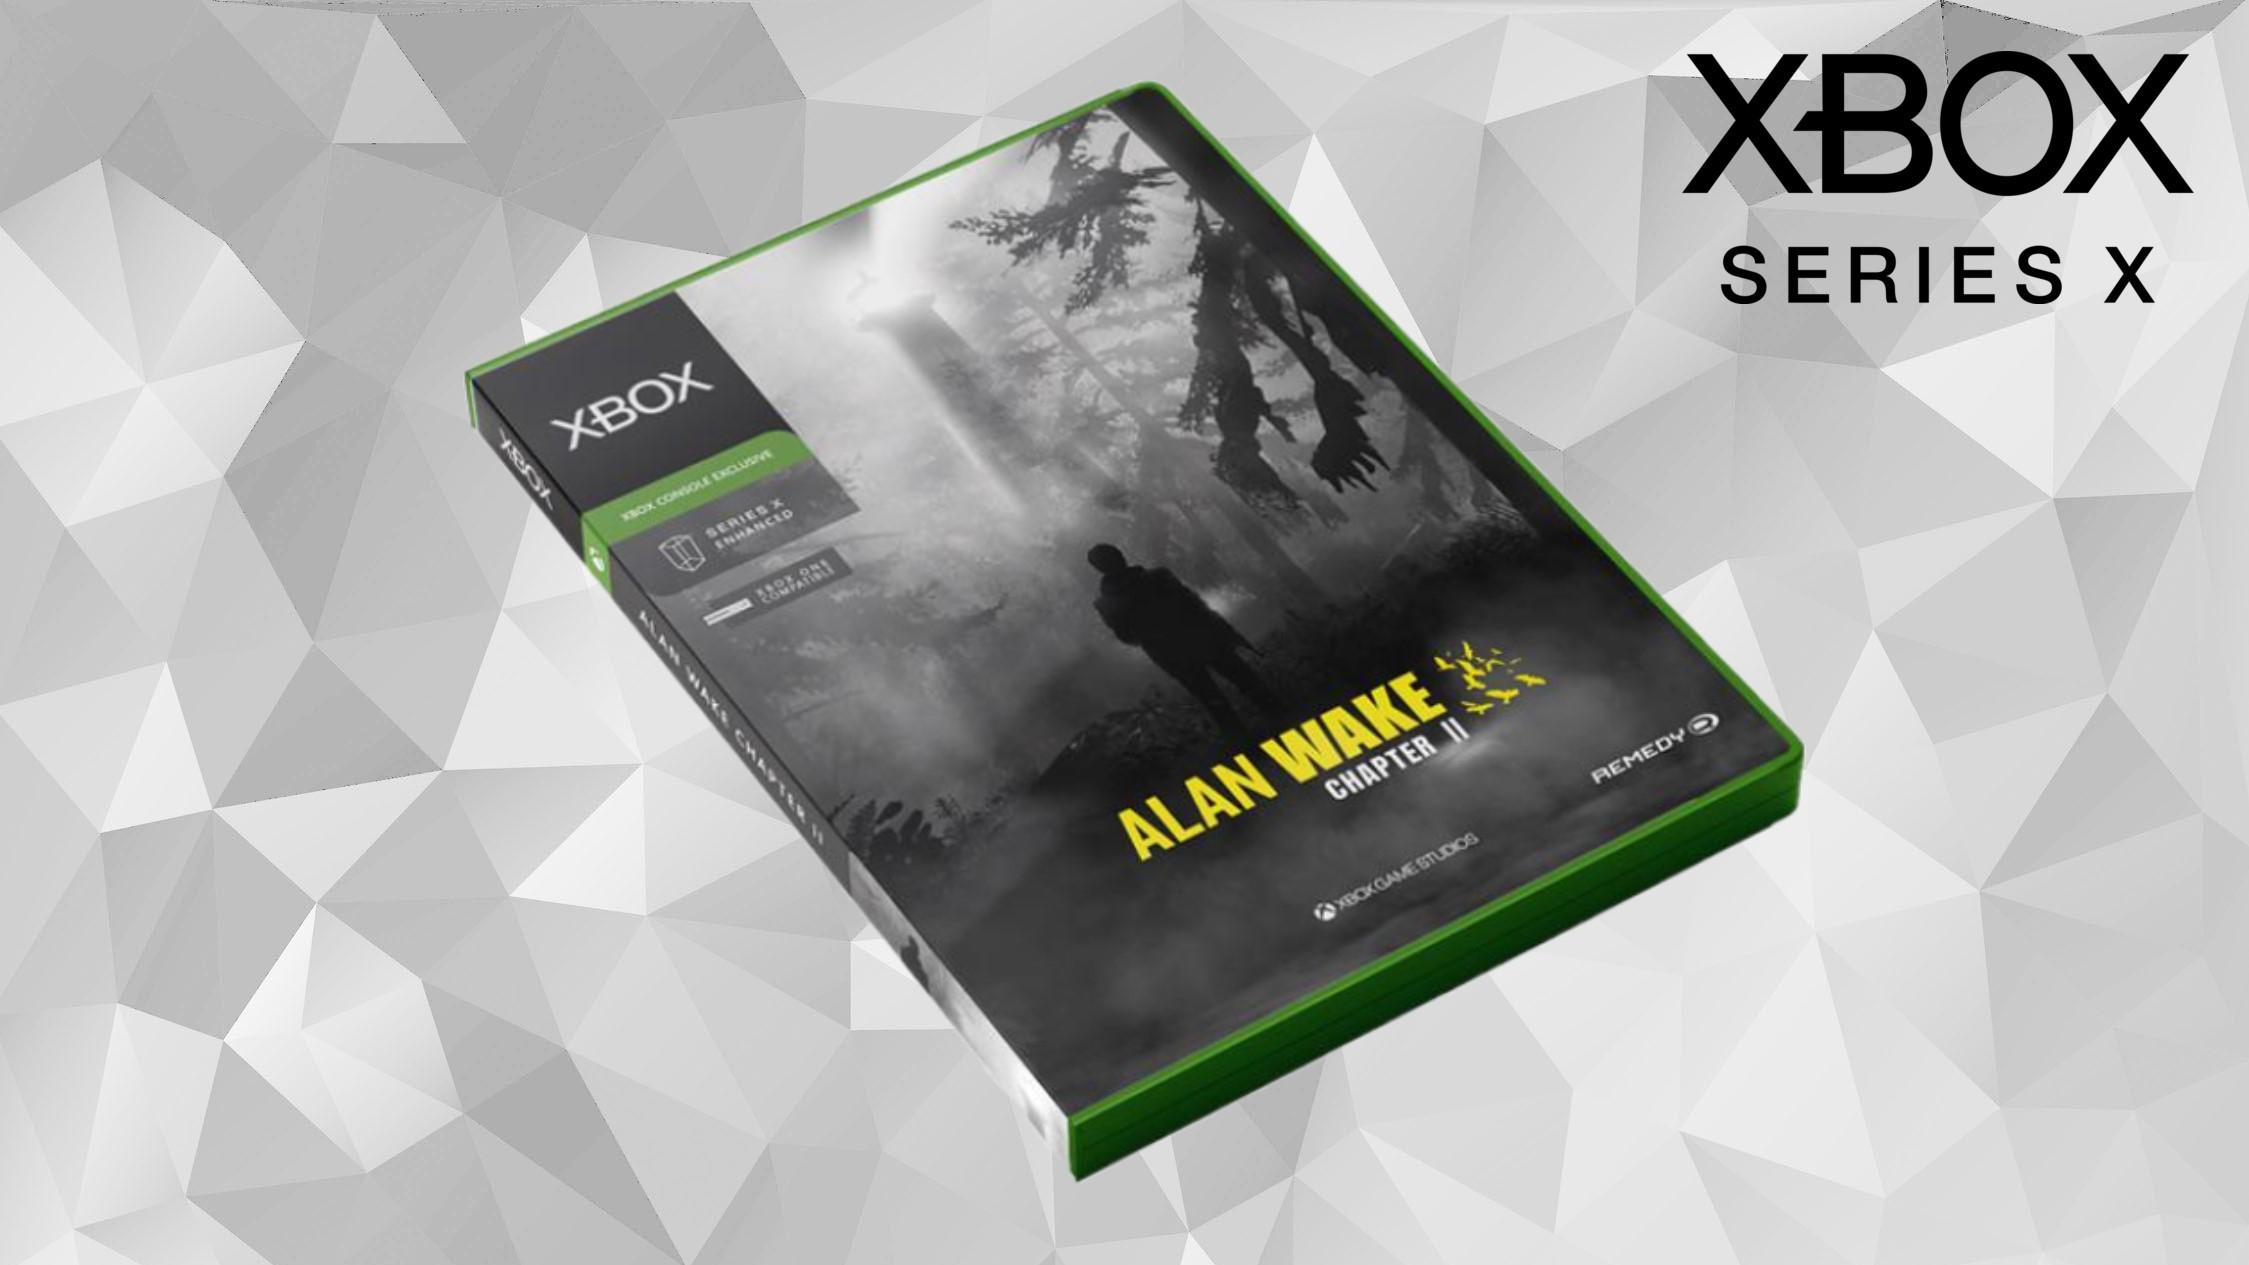 玩家为次世代Xbox游戏设计封面 心灵杀手2亮相